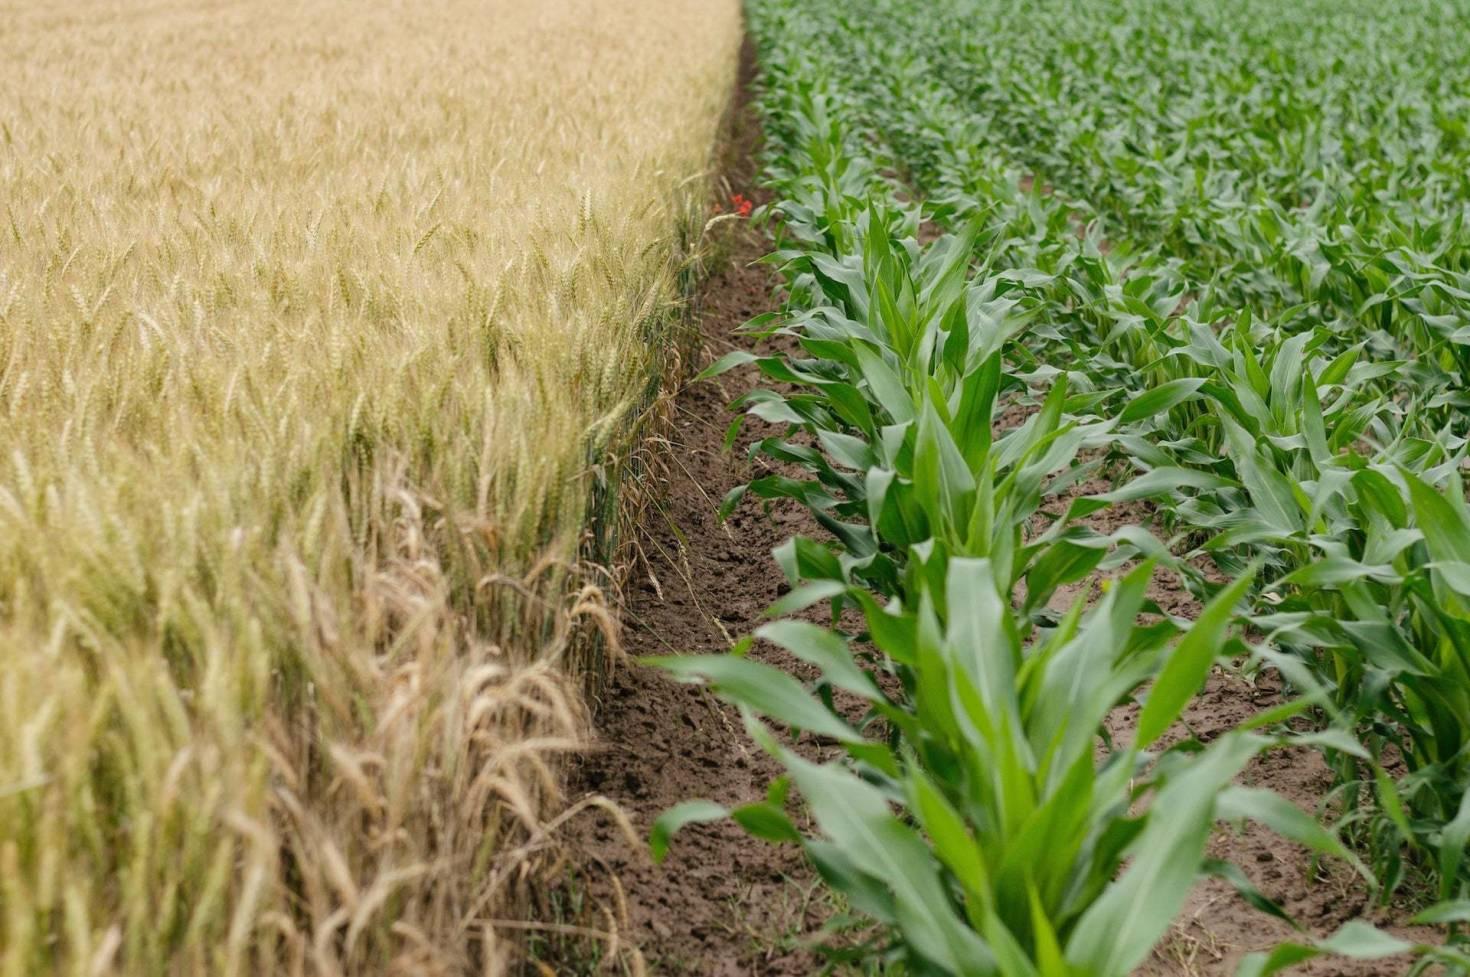 Crops Growing In Healthy Soil